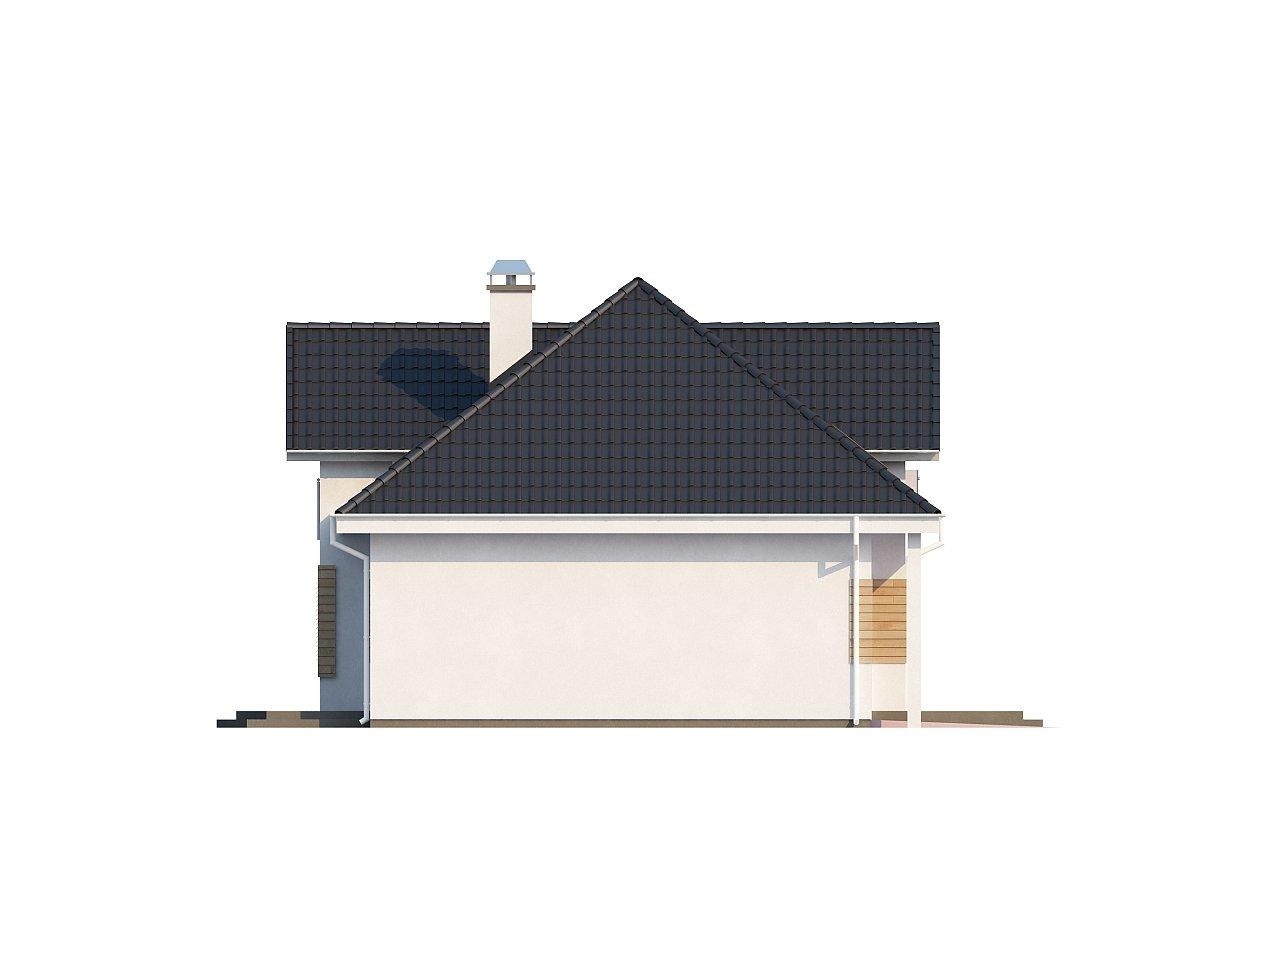 Комфортный стильный дом с большим гаражом для двух автомобилей и дополнительной комнатой над ним. 4